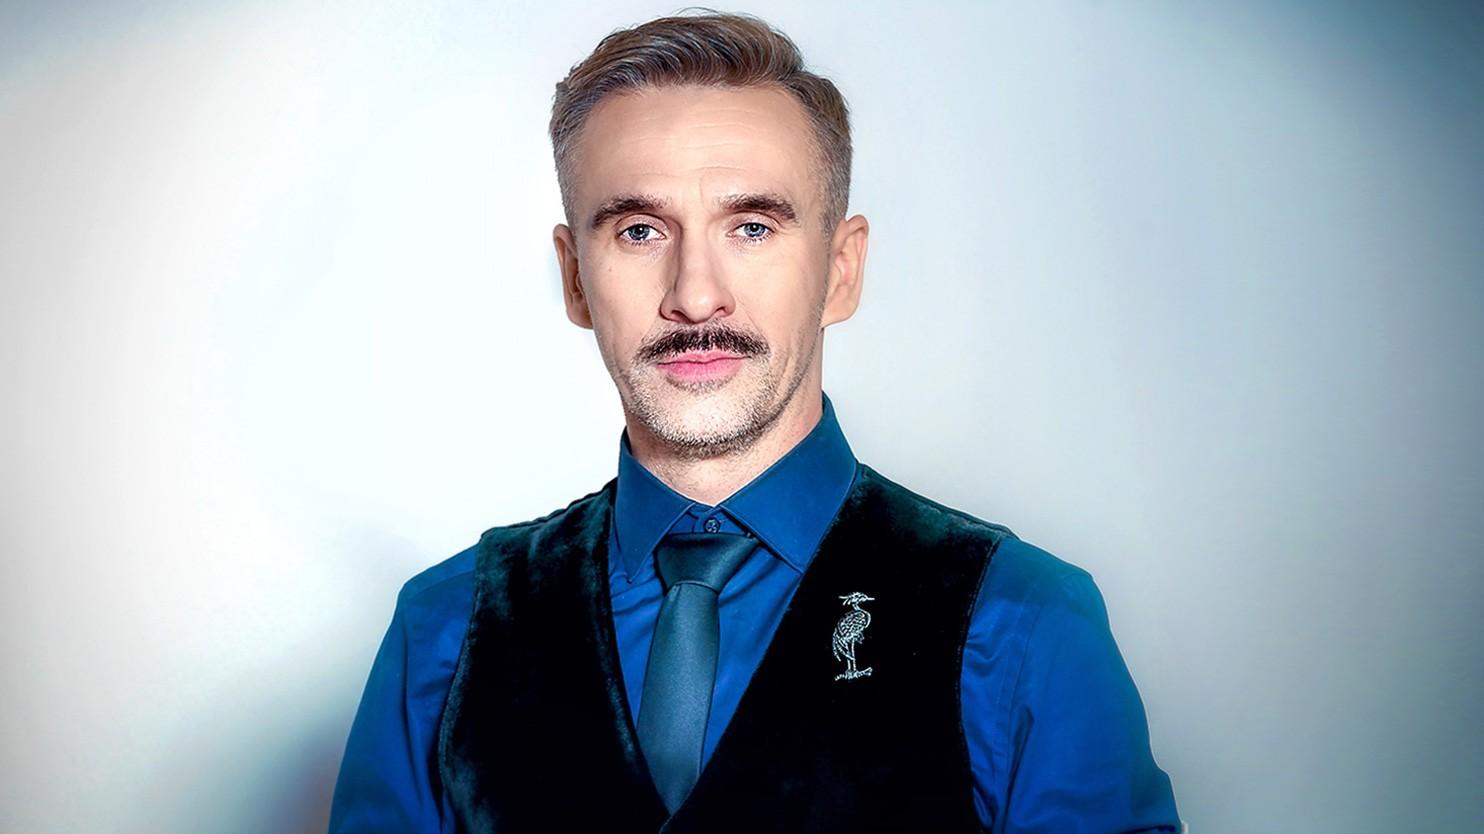 Adam Małczyk: Humor pomaga nam w trudnych chwilach - Polsat.pl